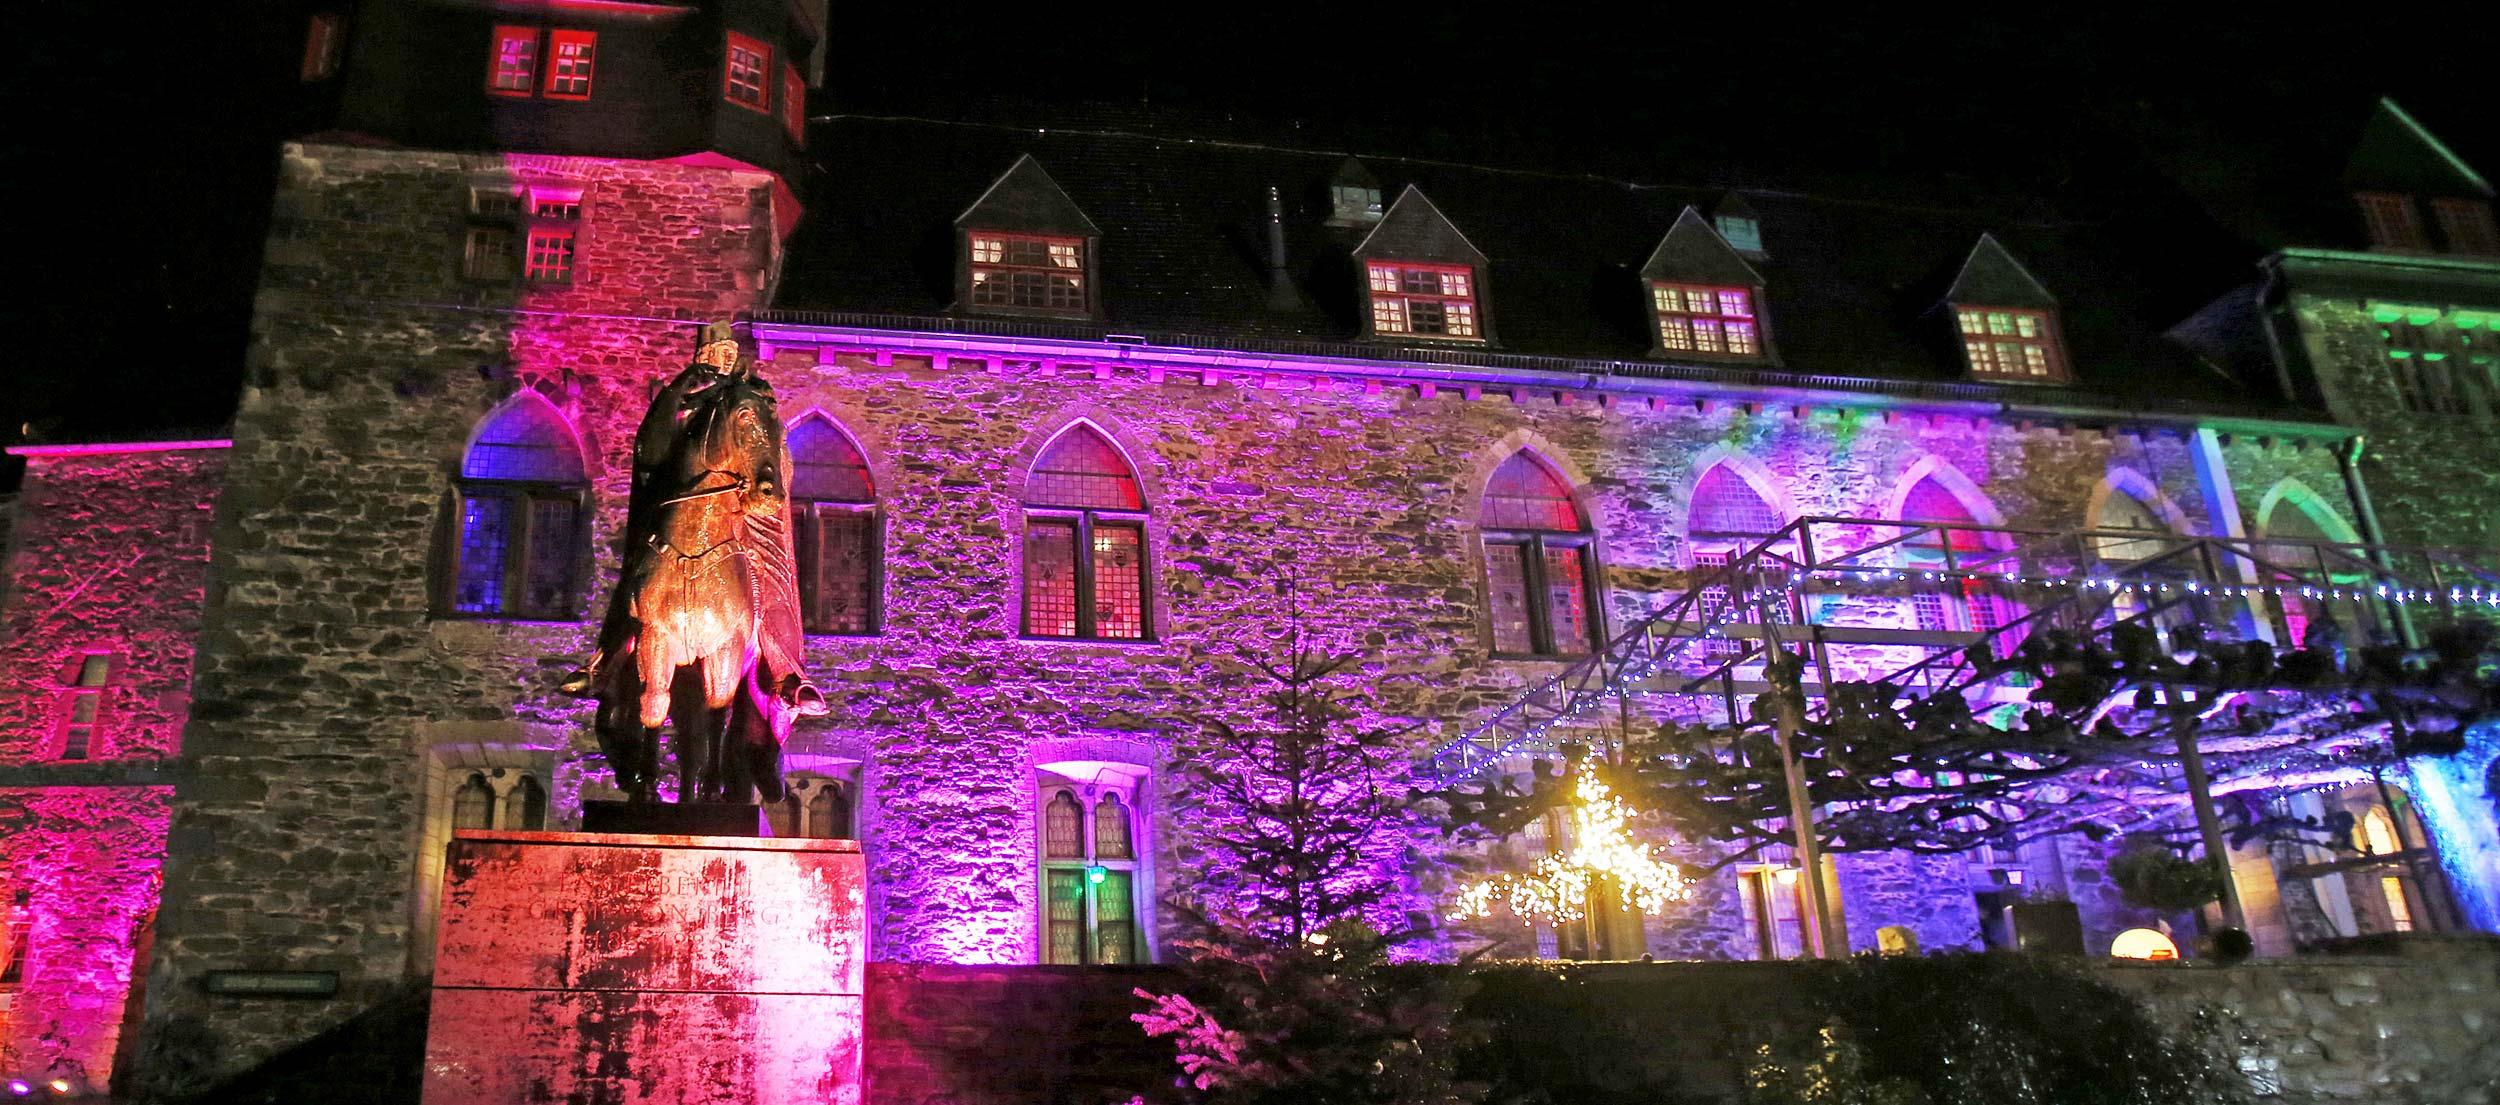 St. Engelbert vor Schloss Burg mit Partybeleuchtung.